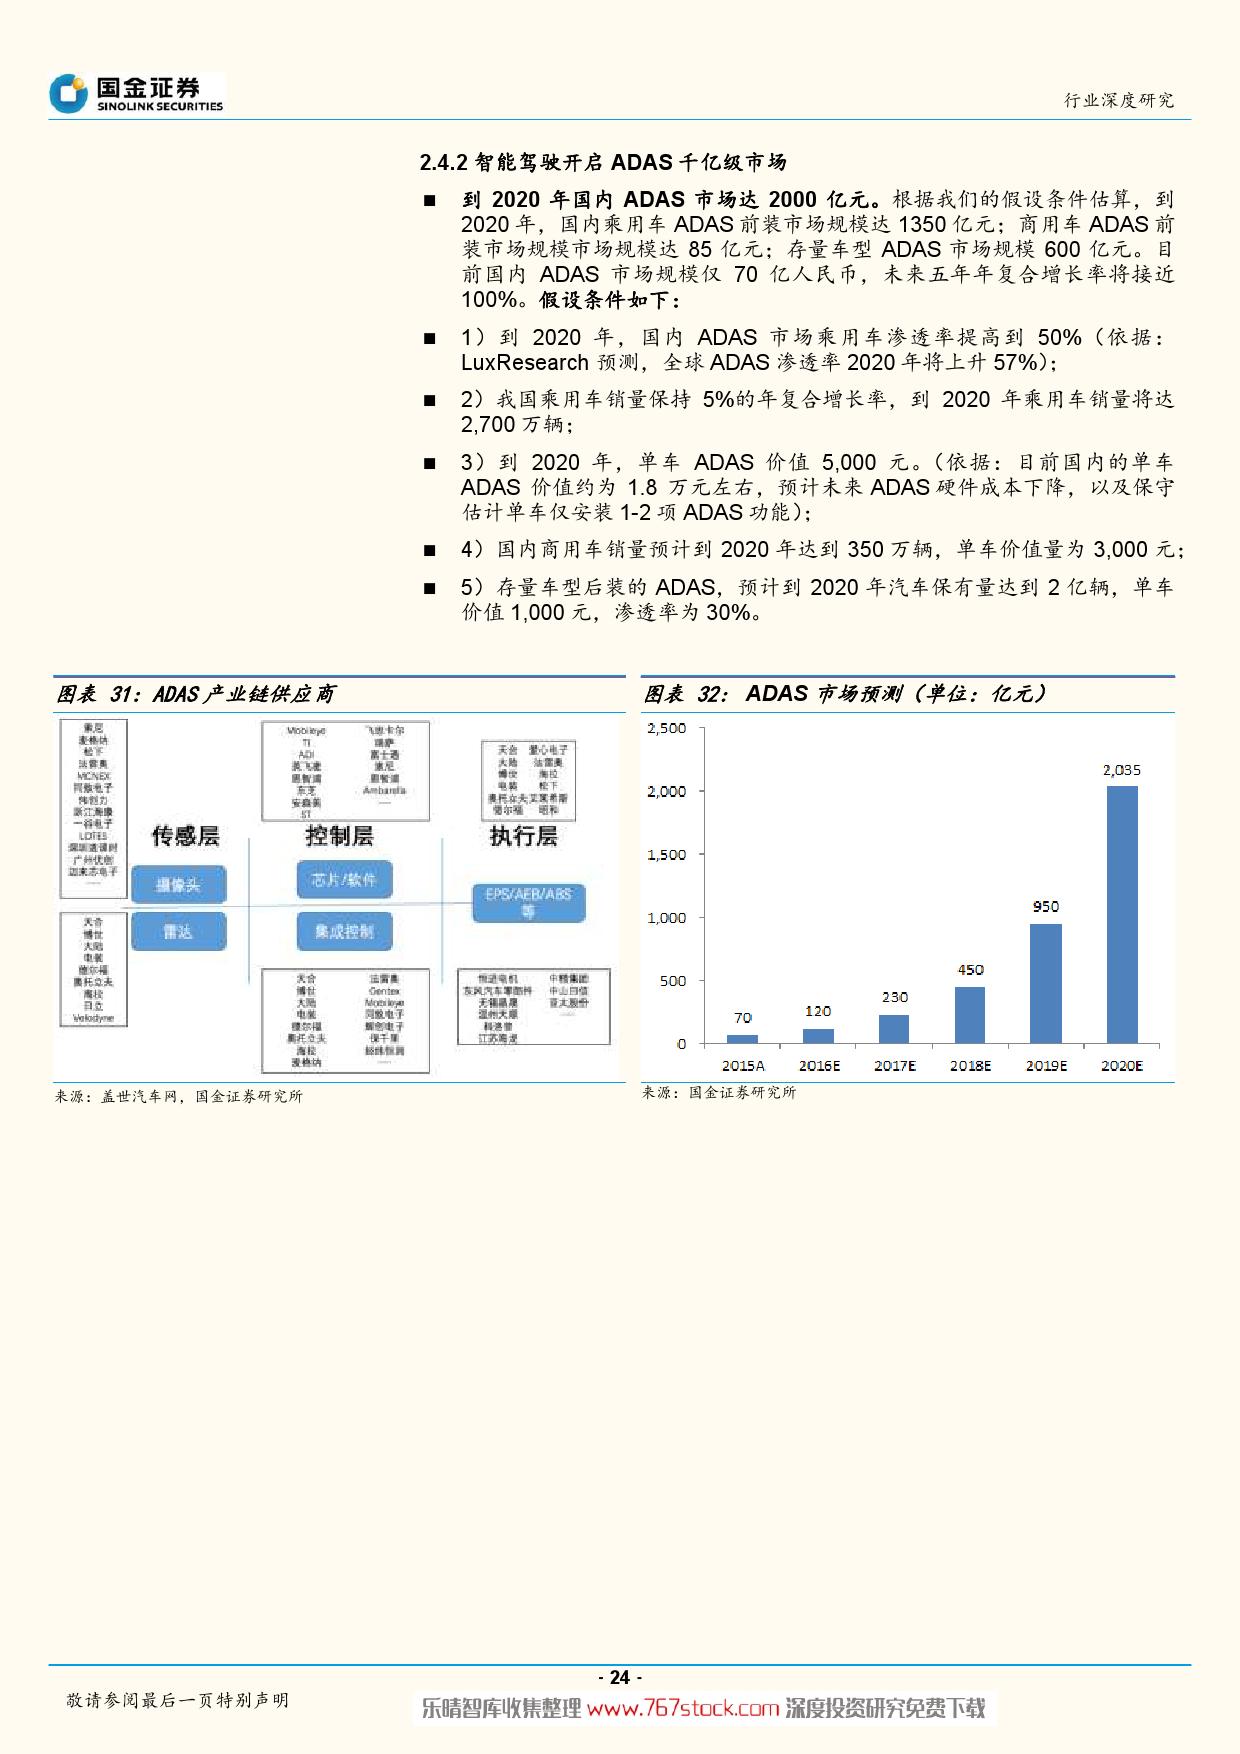 特斯拉产业系列深度报告-智能驾驶爆发在即_000024